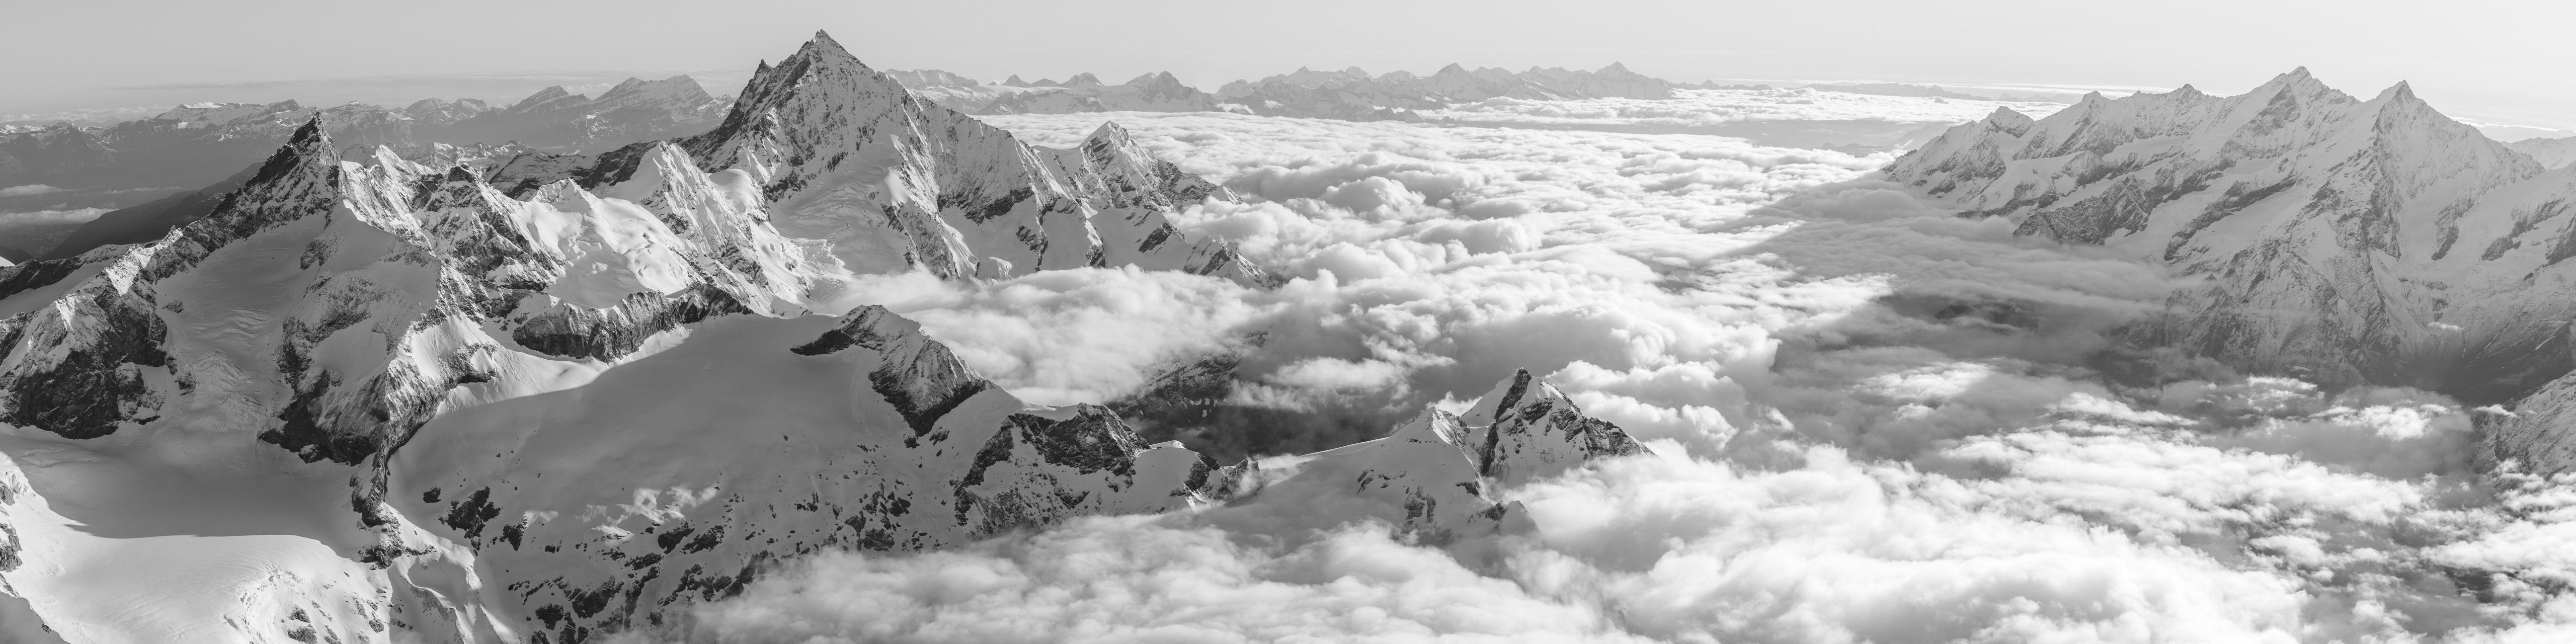 Photo encadrée du panorama de Zermatt dans les Alpes Suisses - Mischabel, Saas-Fee